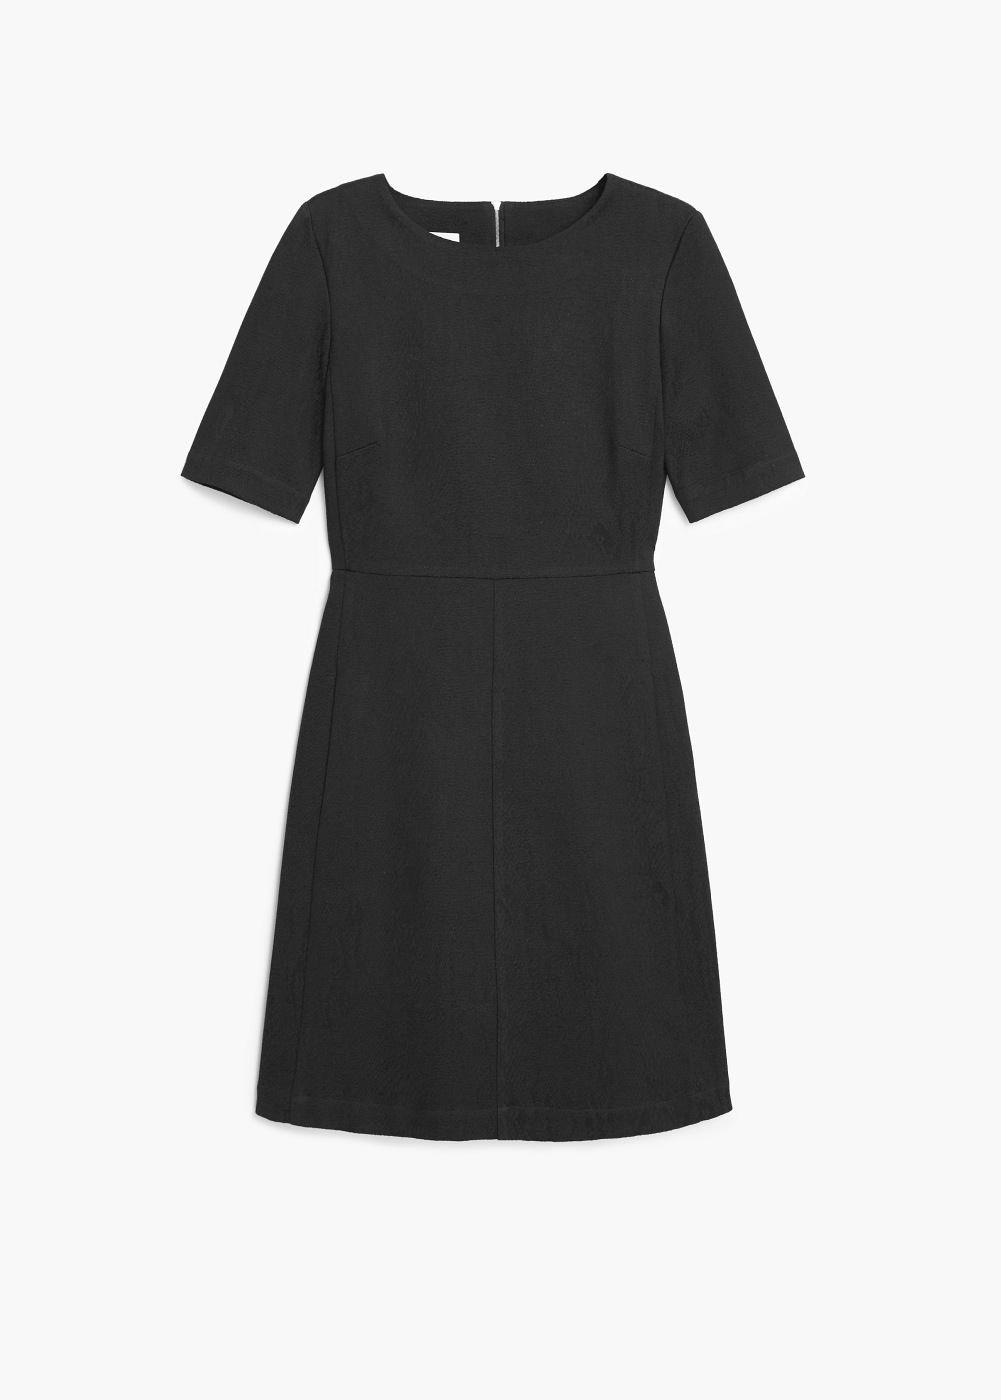 Mode für Damen | Kleider, Kleid arbeit, Kurze kleider mit ...